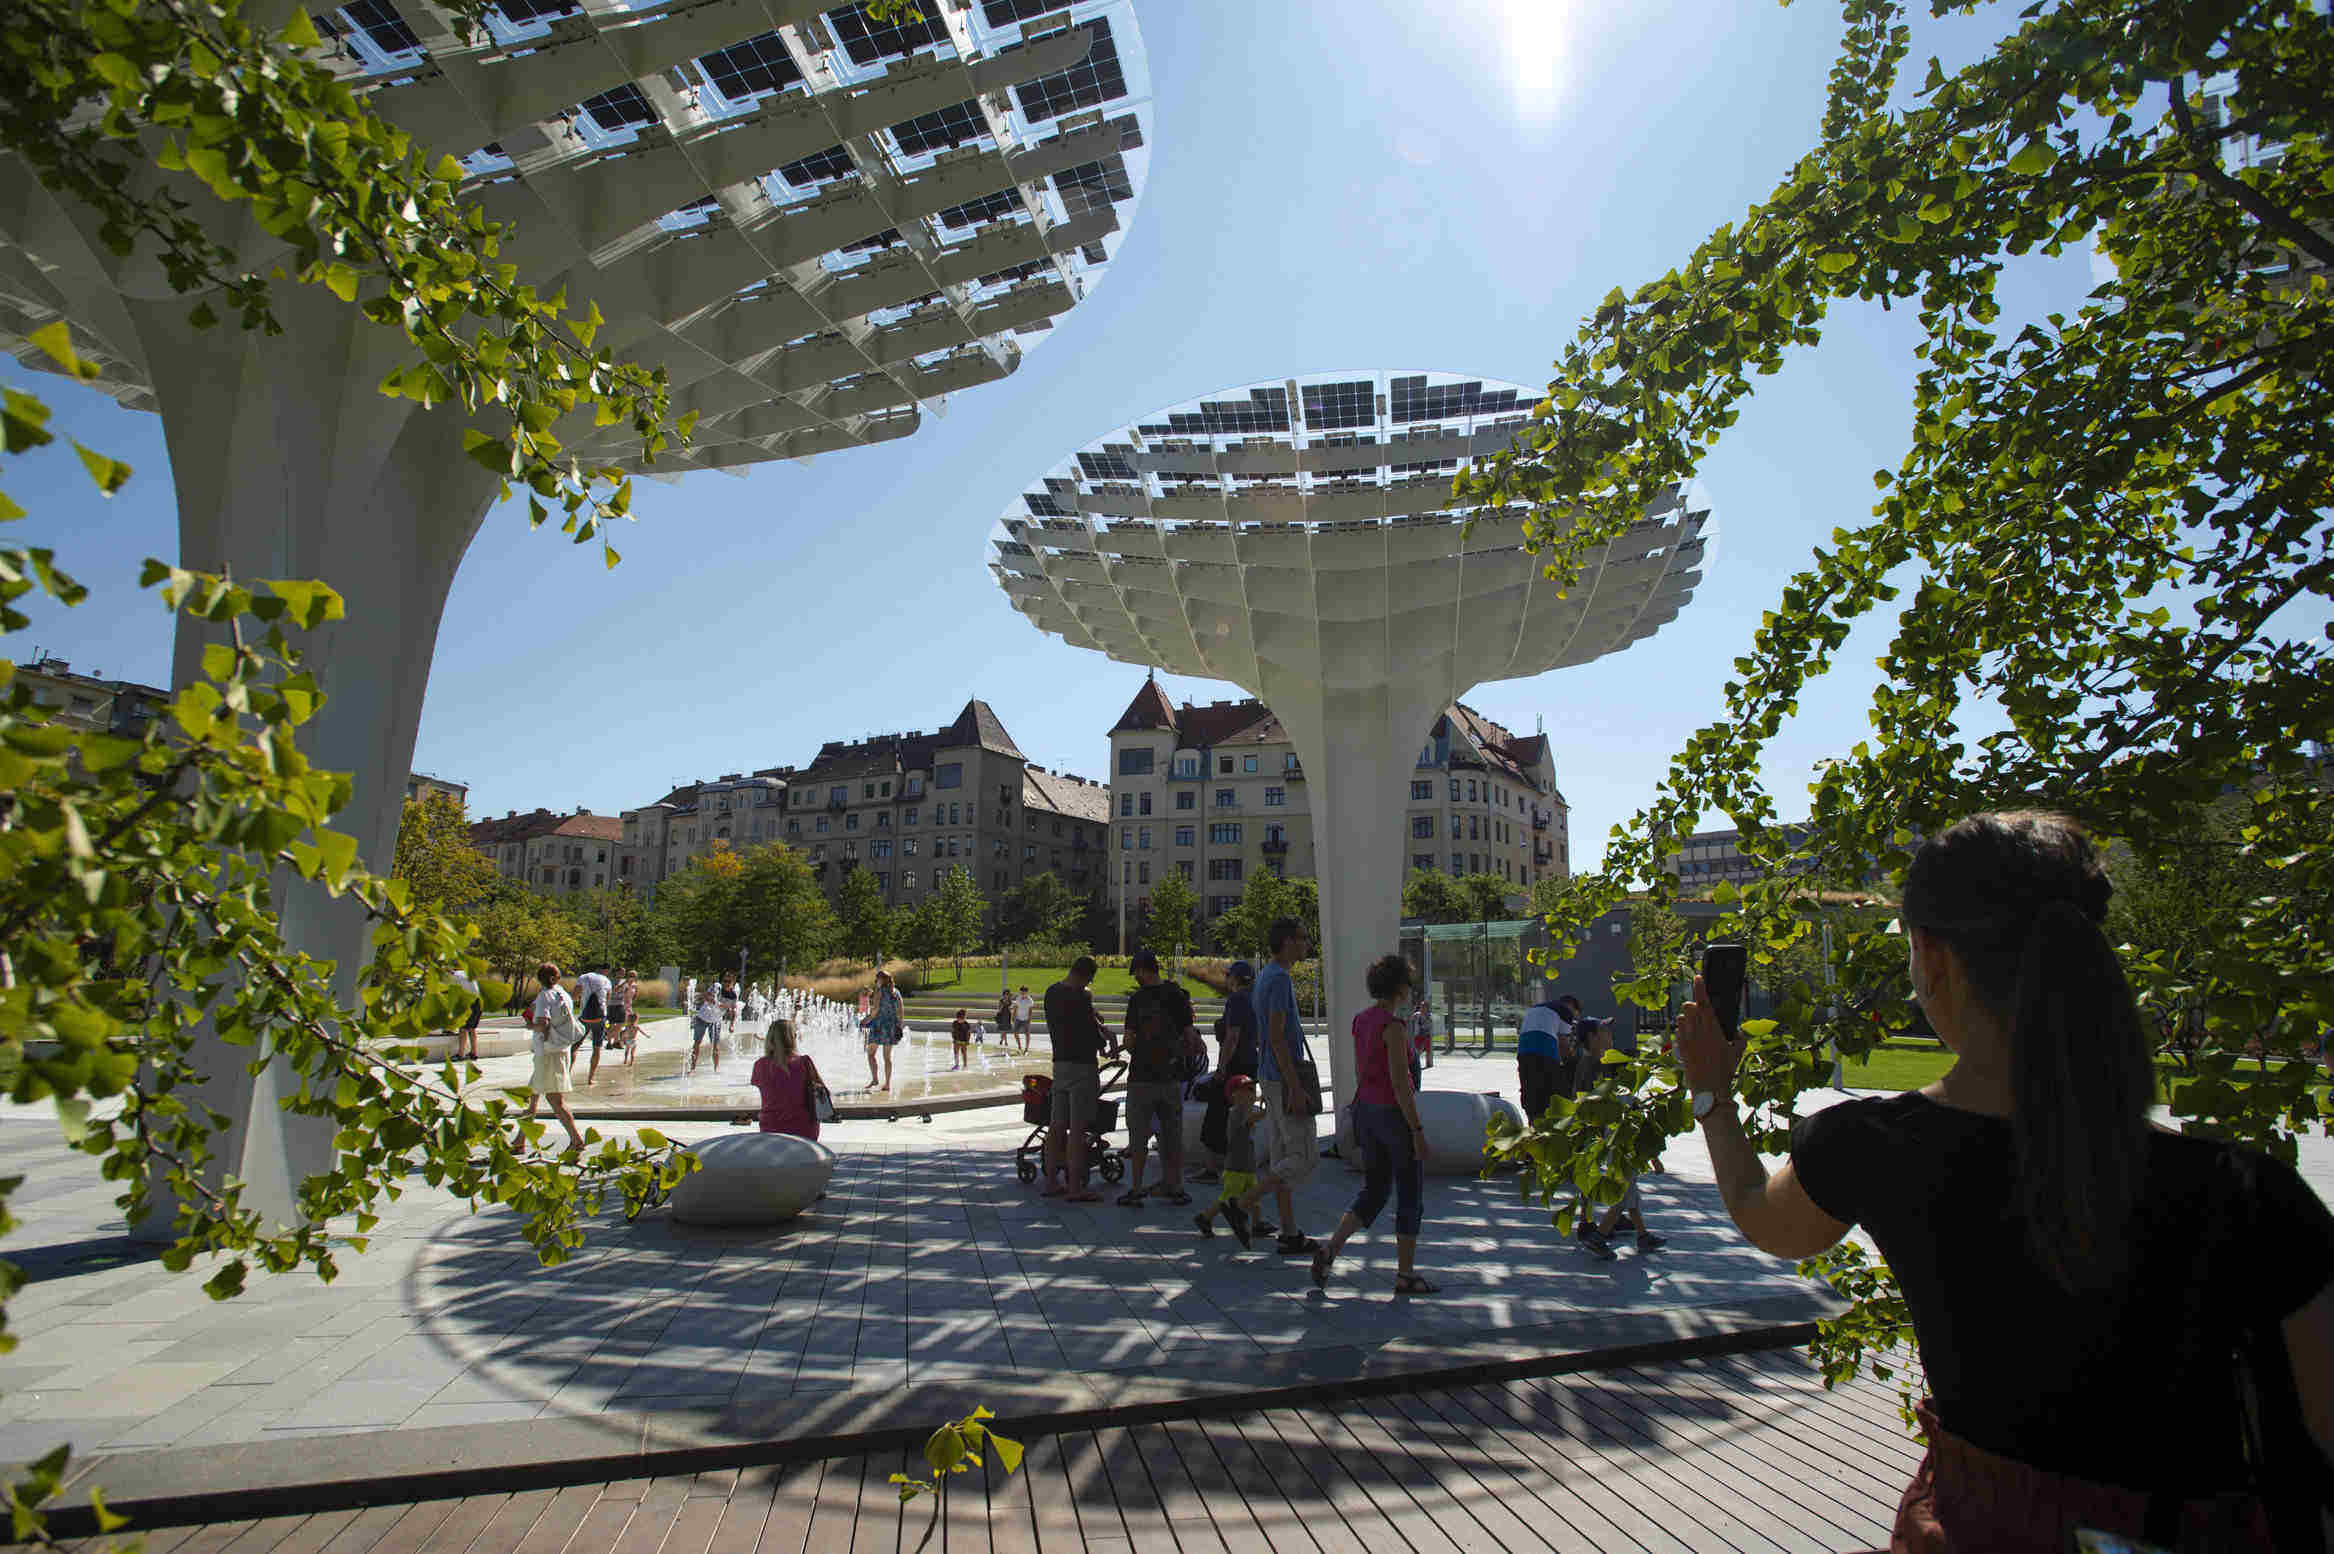 nouveau parc de széllkapu